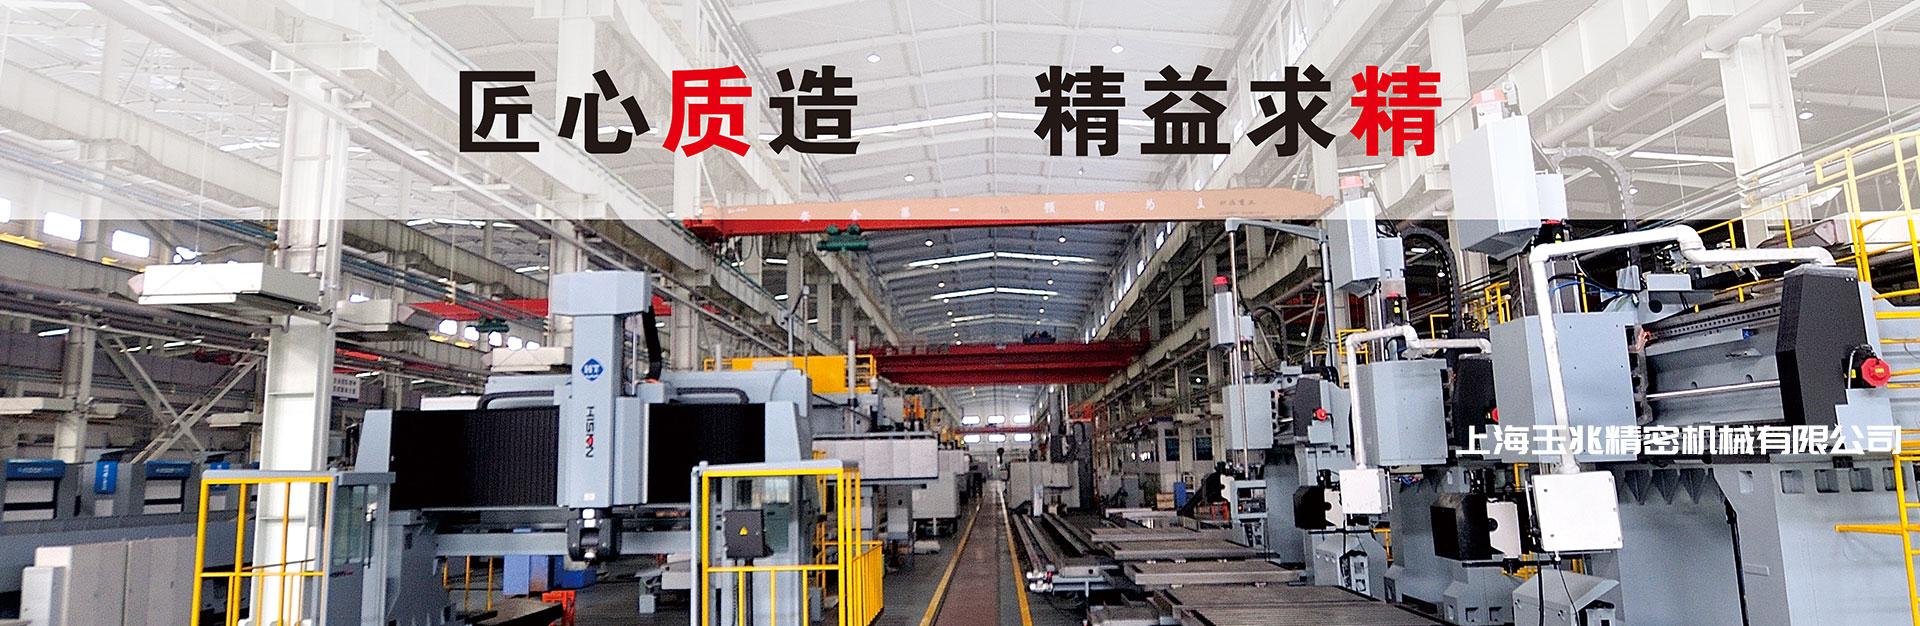 上海AG8国际亚游手机版精密机械有限公司